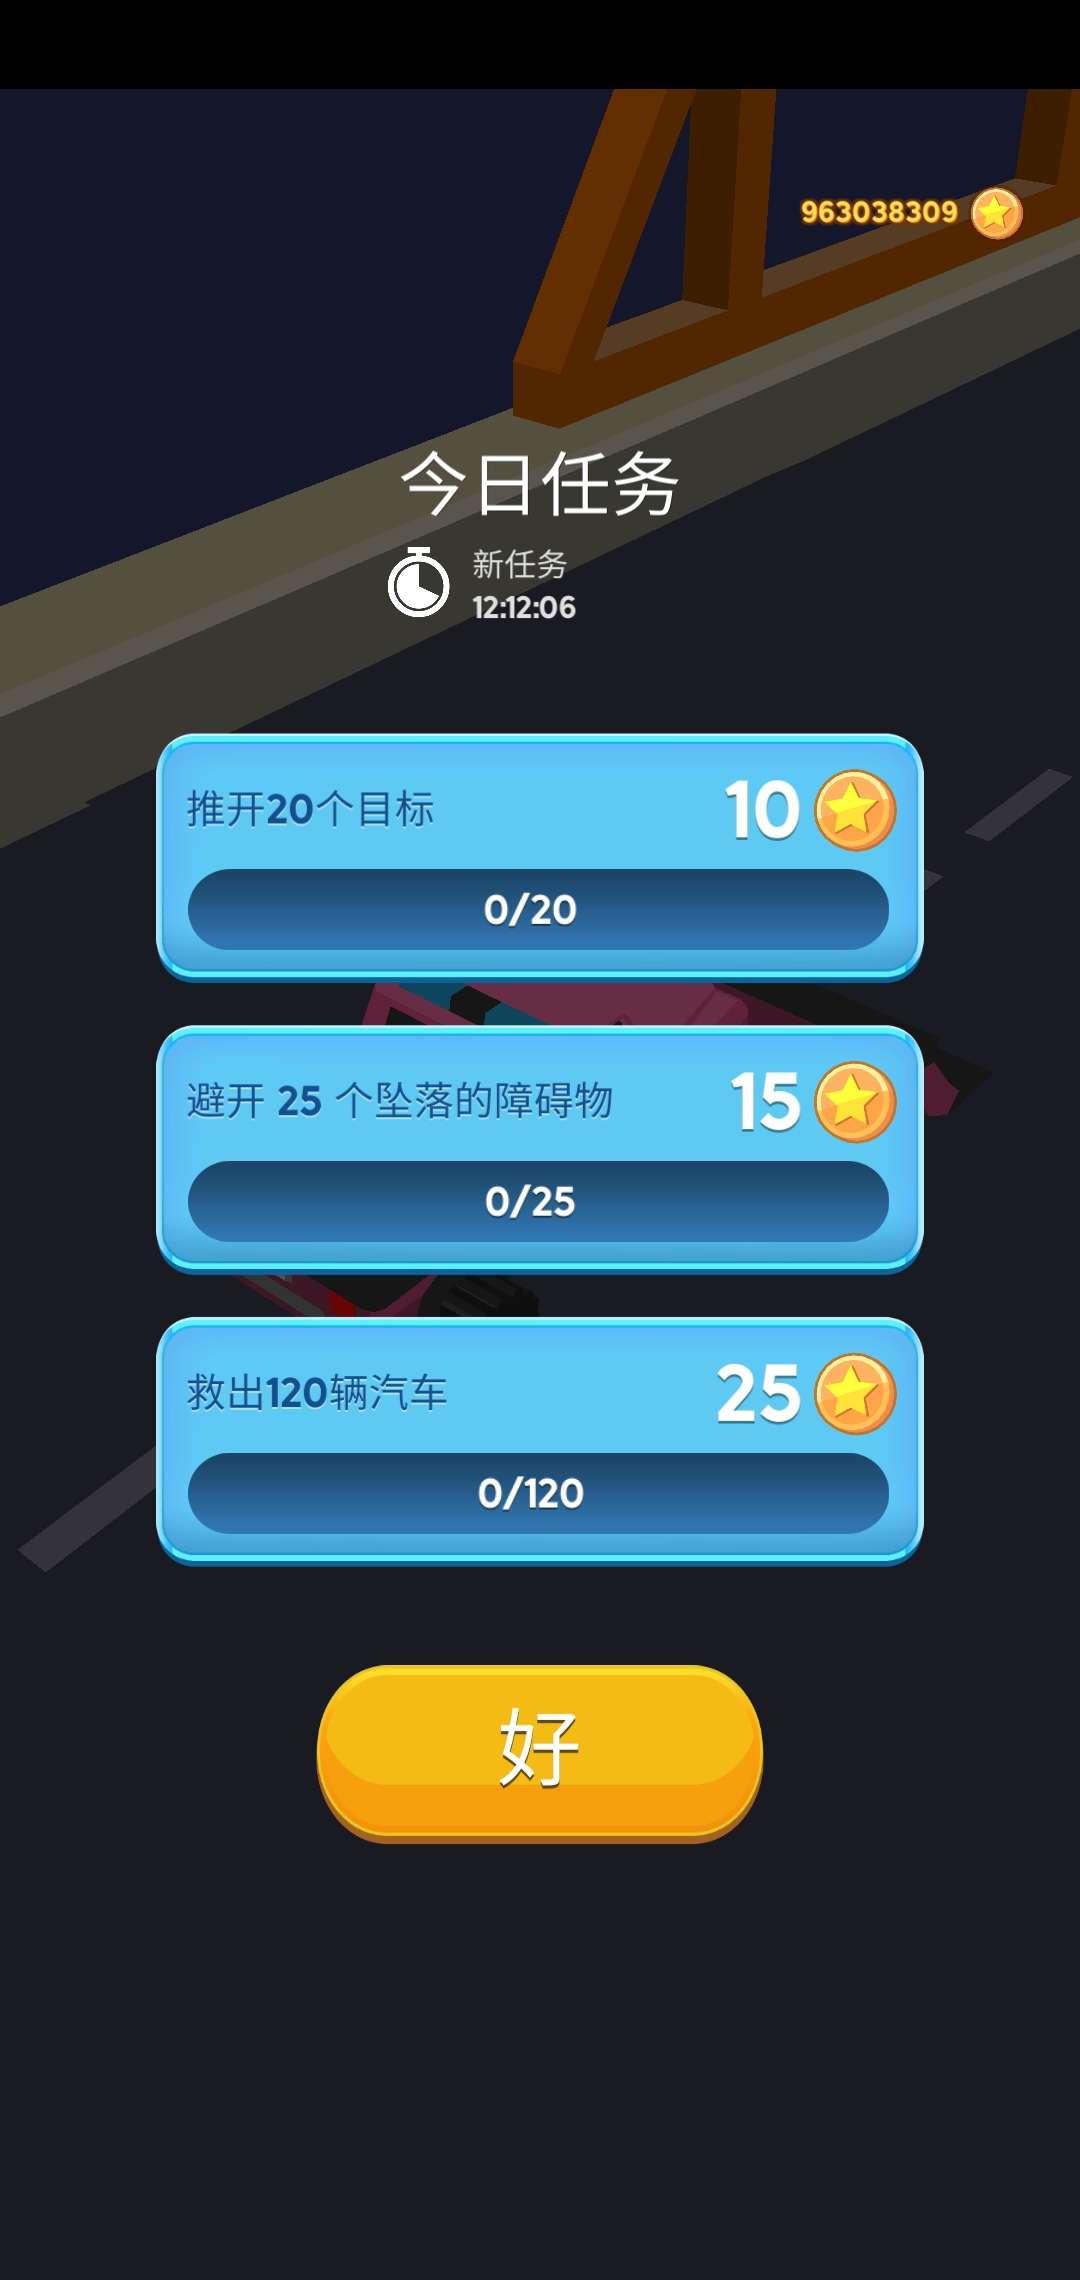 【无邪原创】清洁道路1.6.3{版本号不同}-www.im86.com